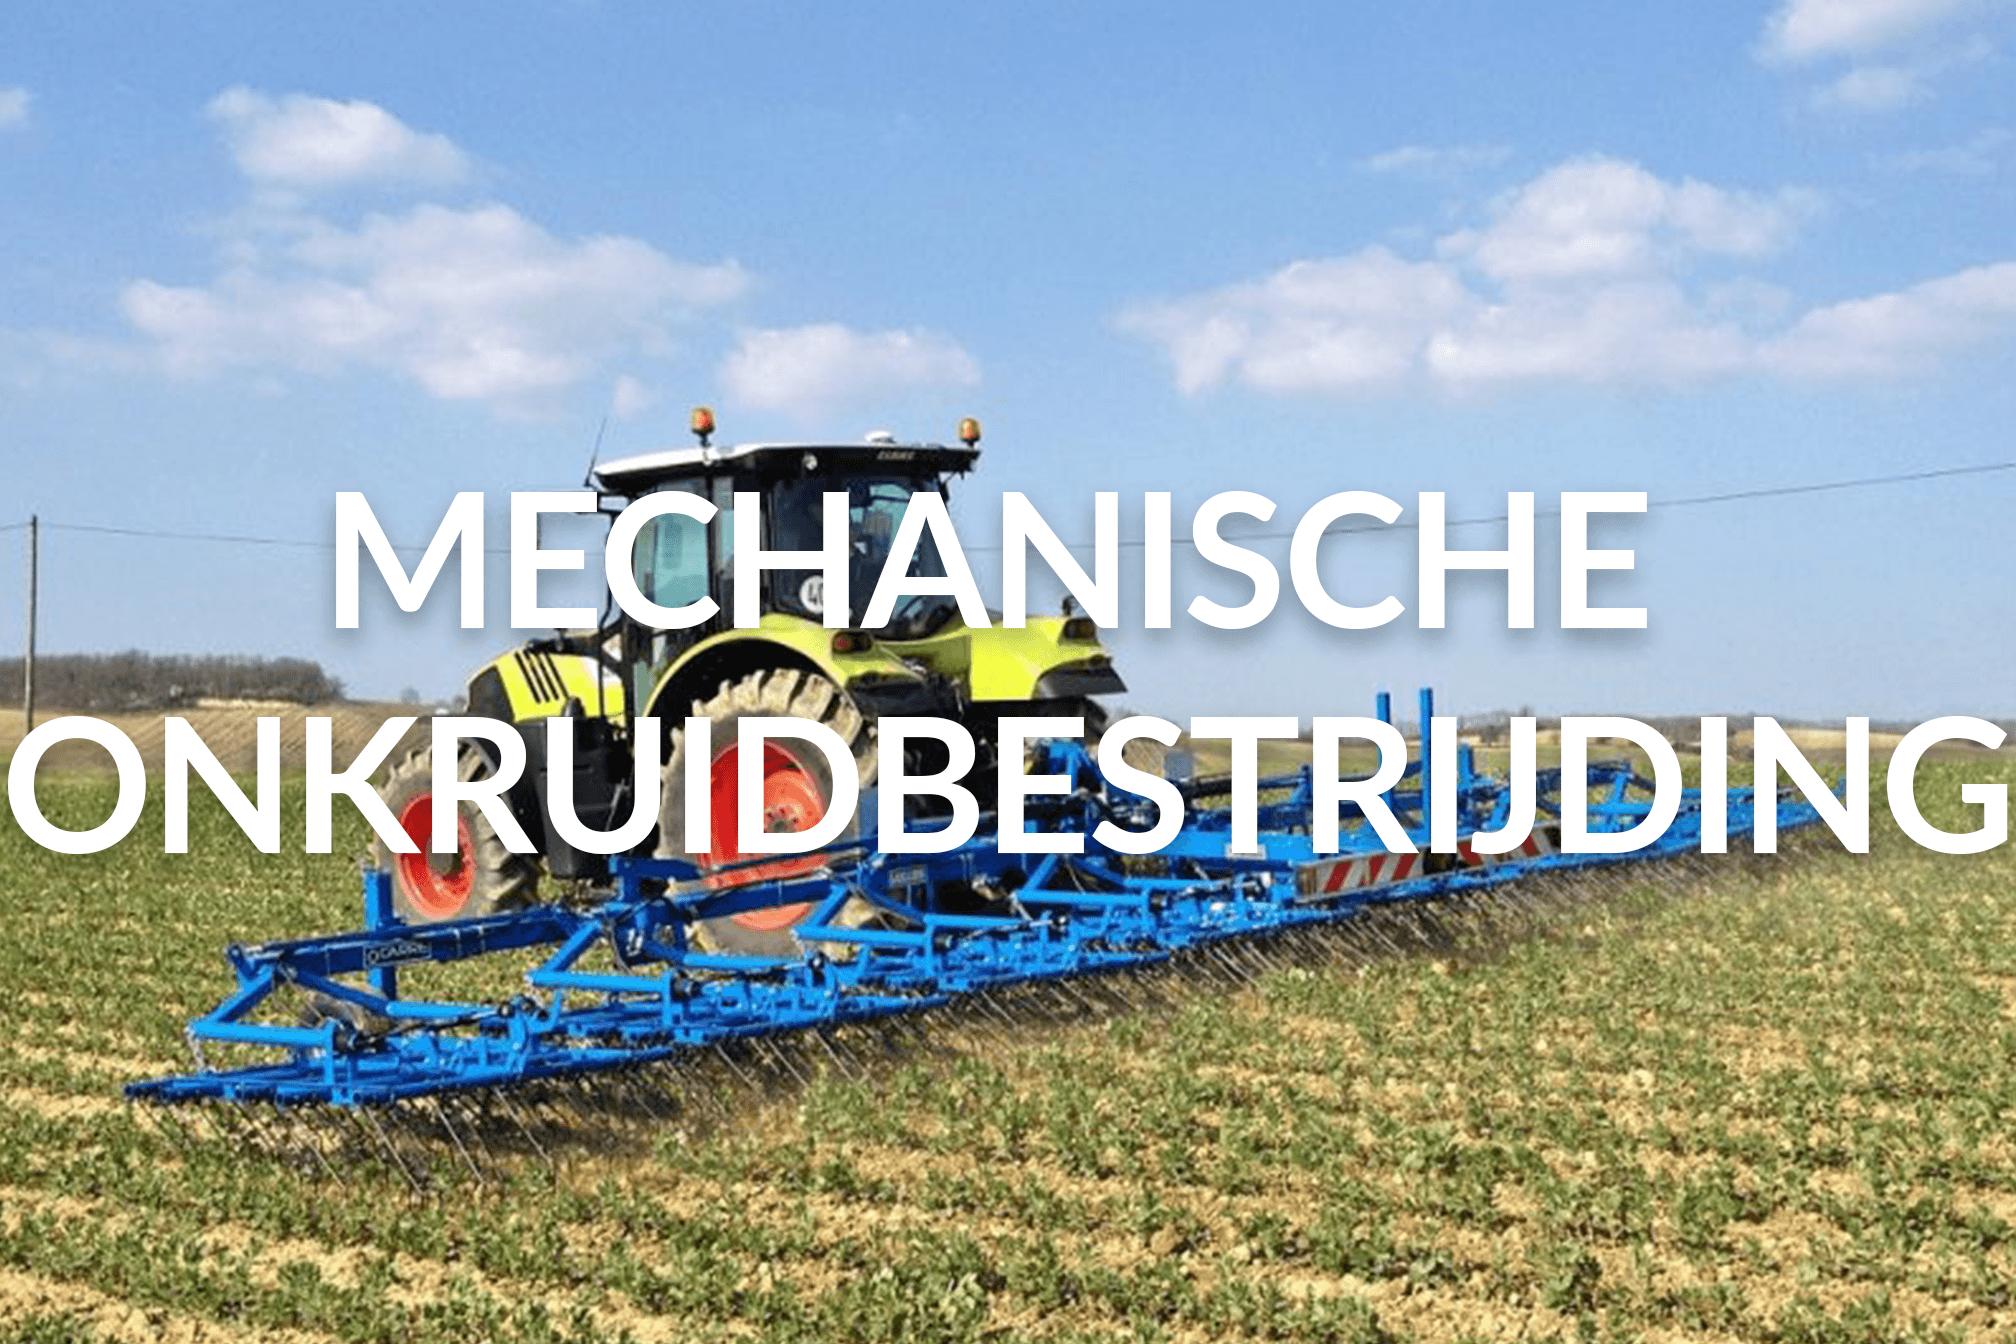 Carré_Mechanische onkruidbestrijding_GROOT